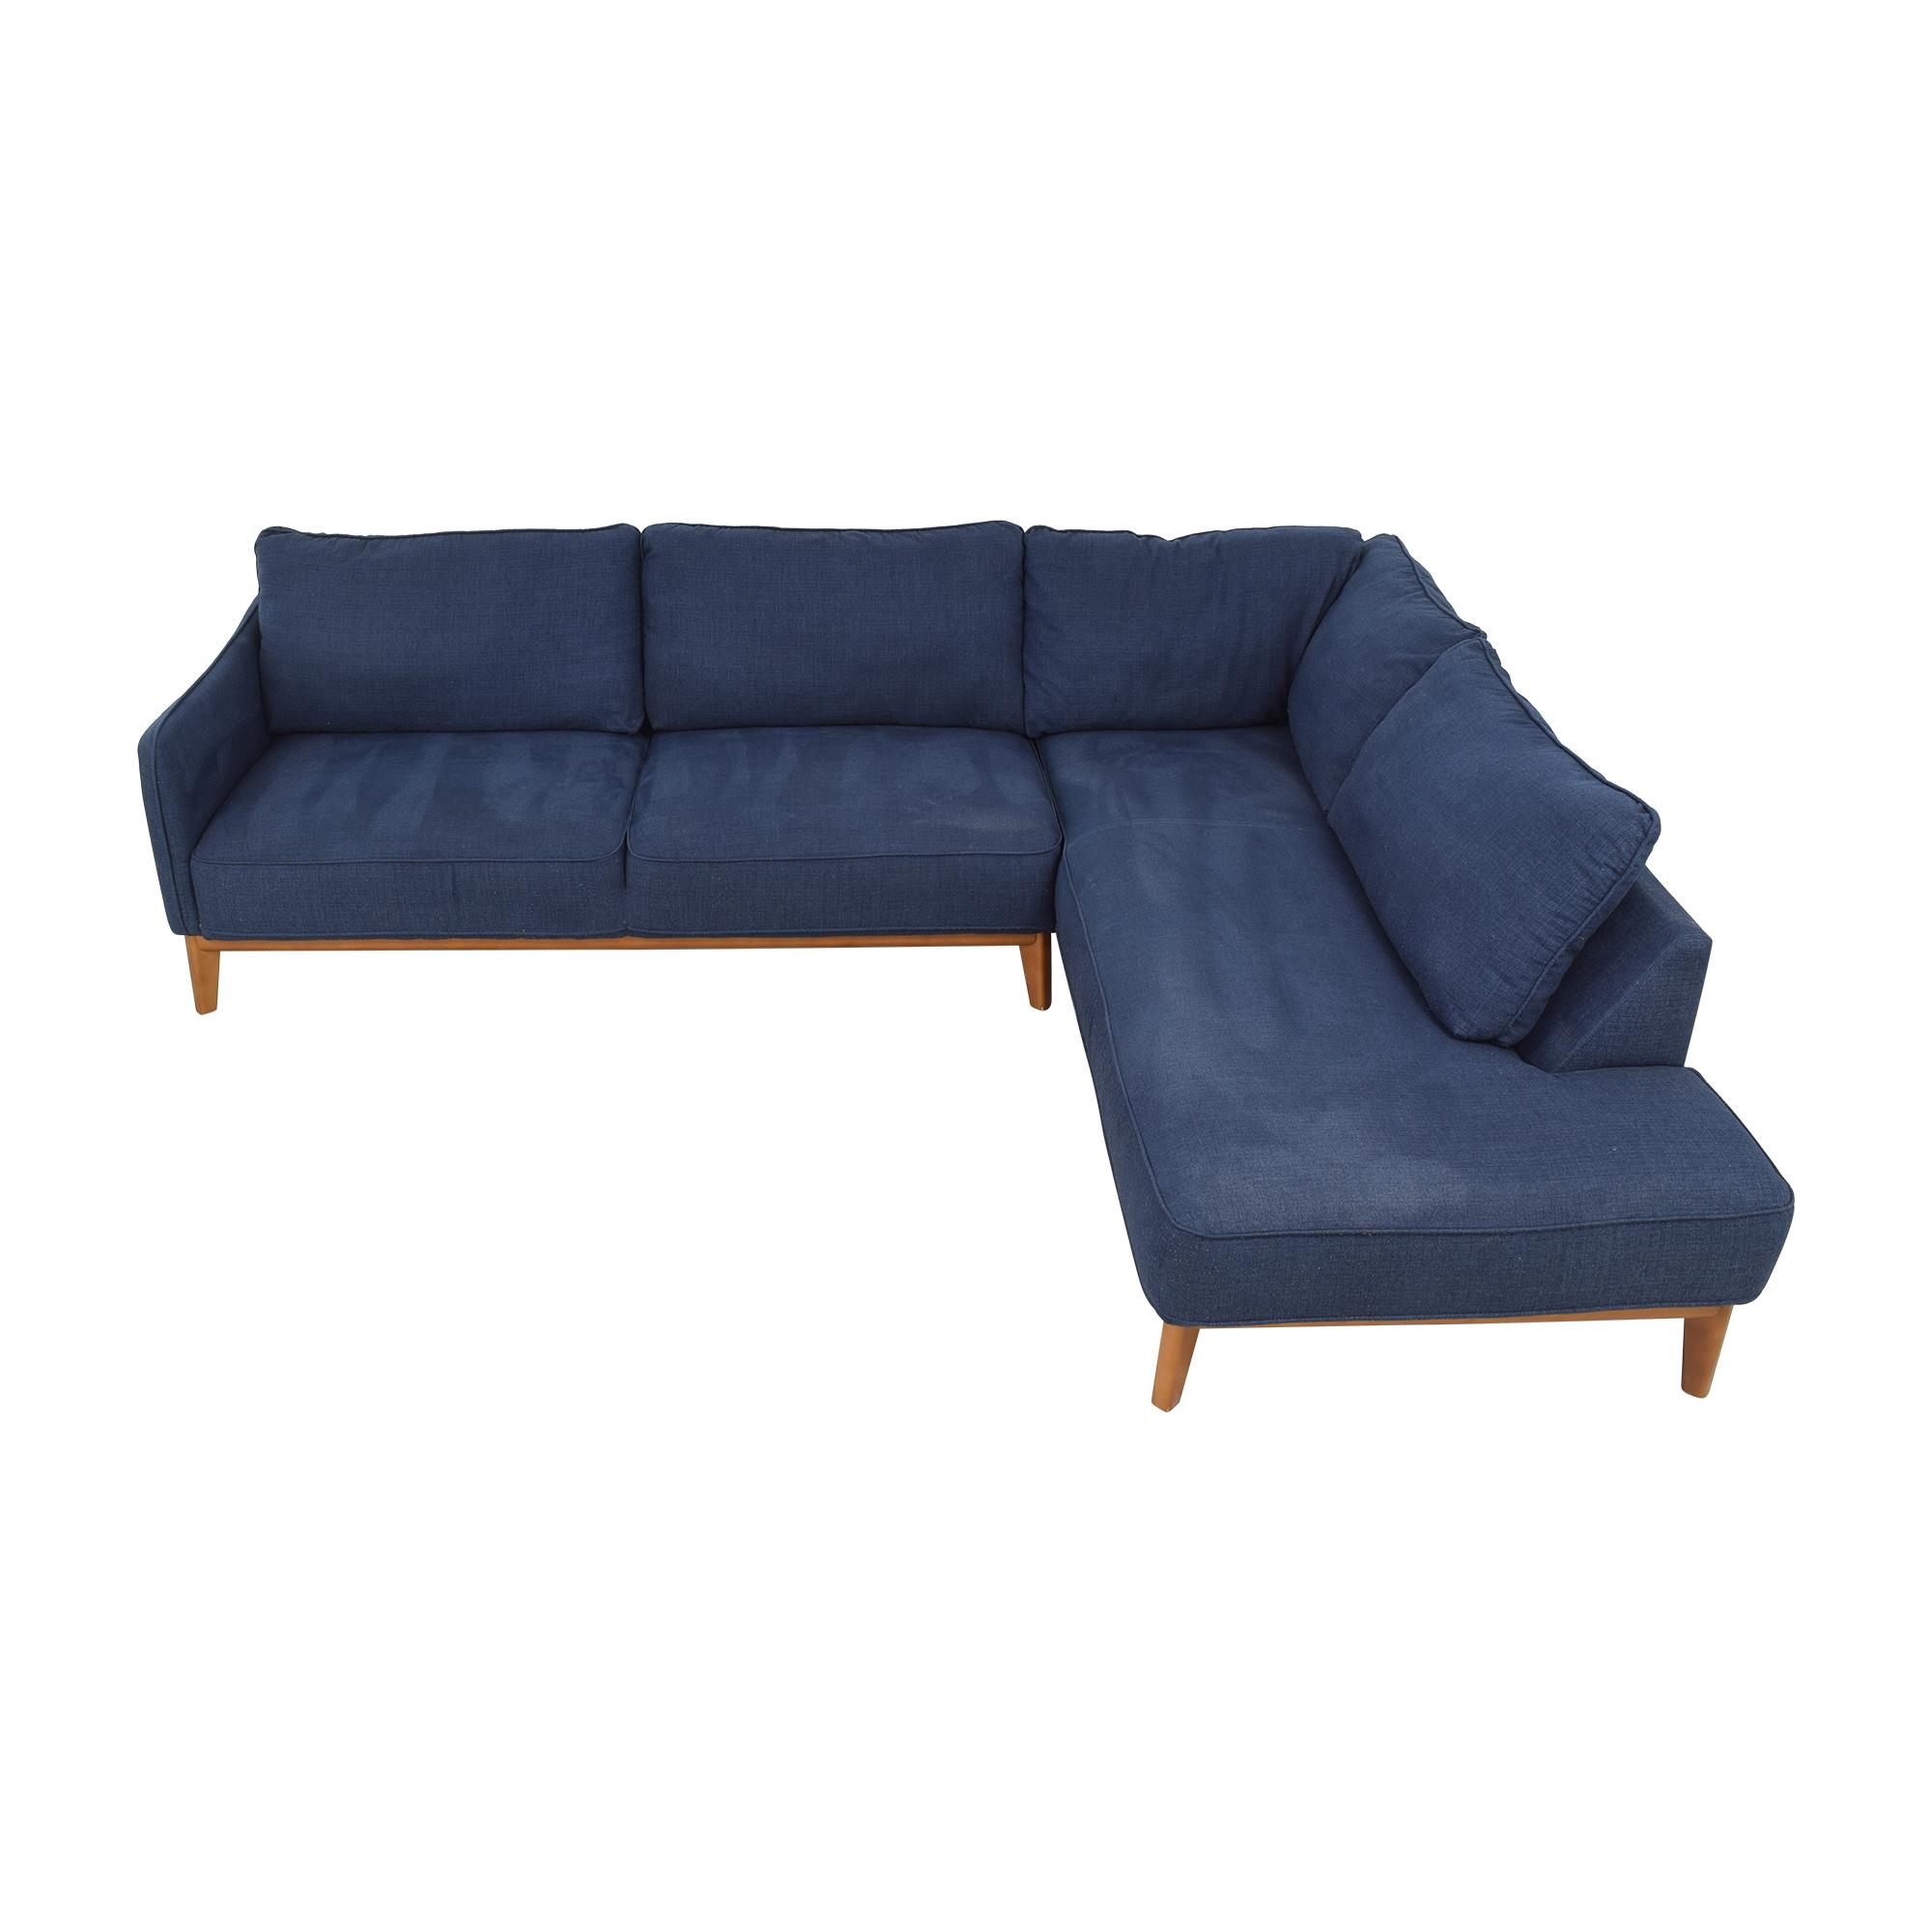 Jason Furniture Macy's Jollene Sectional Sofa ma